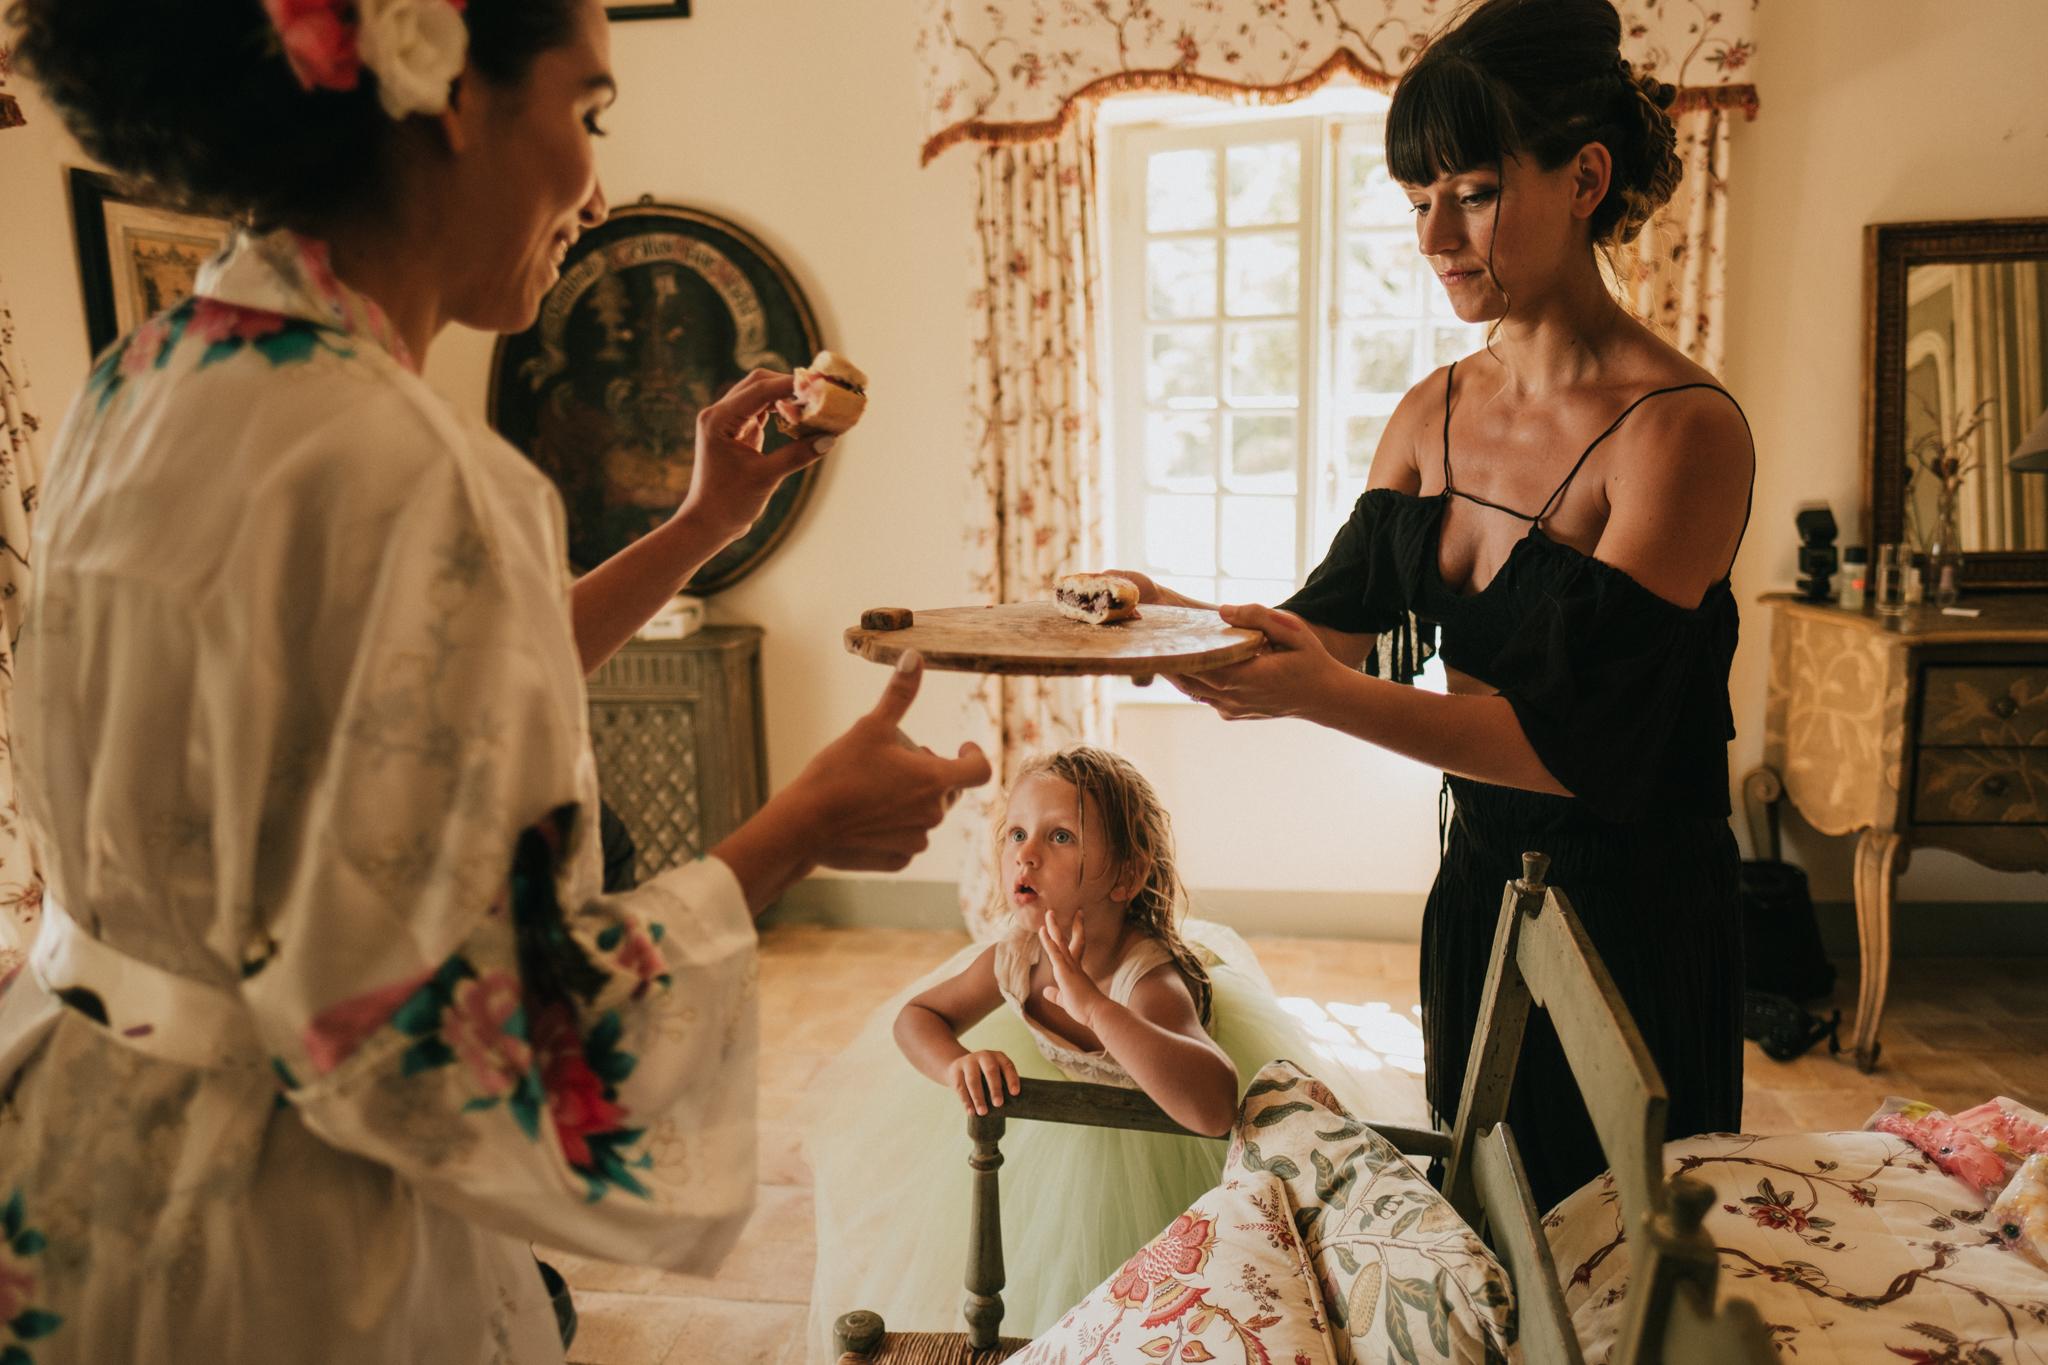 Domaine-de-la-Tuiliere-South-of-France-Marseilles-Best-Wedding-Photographer